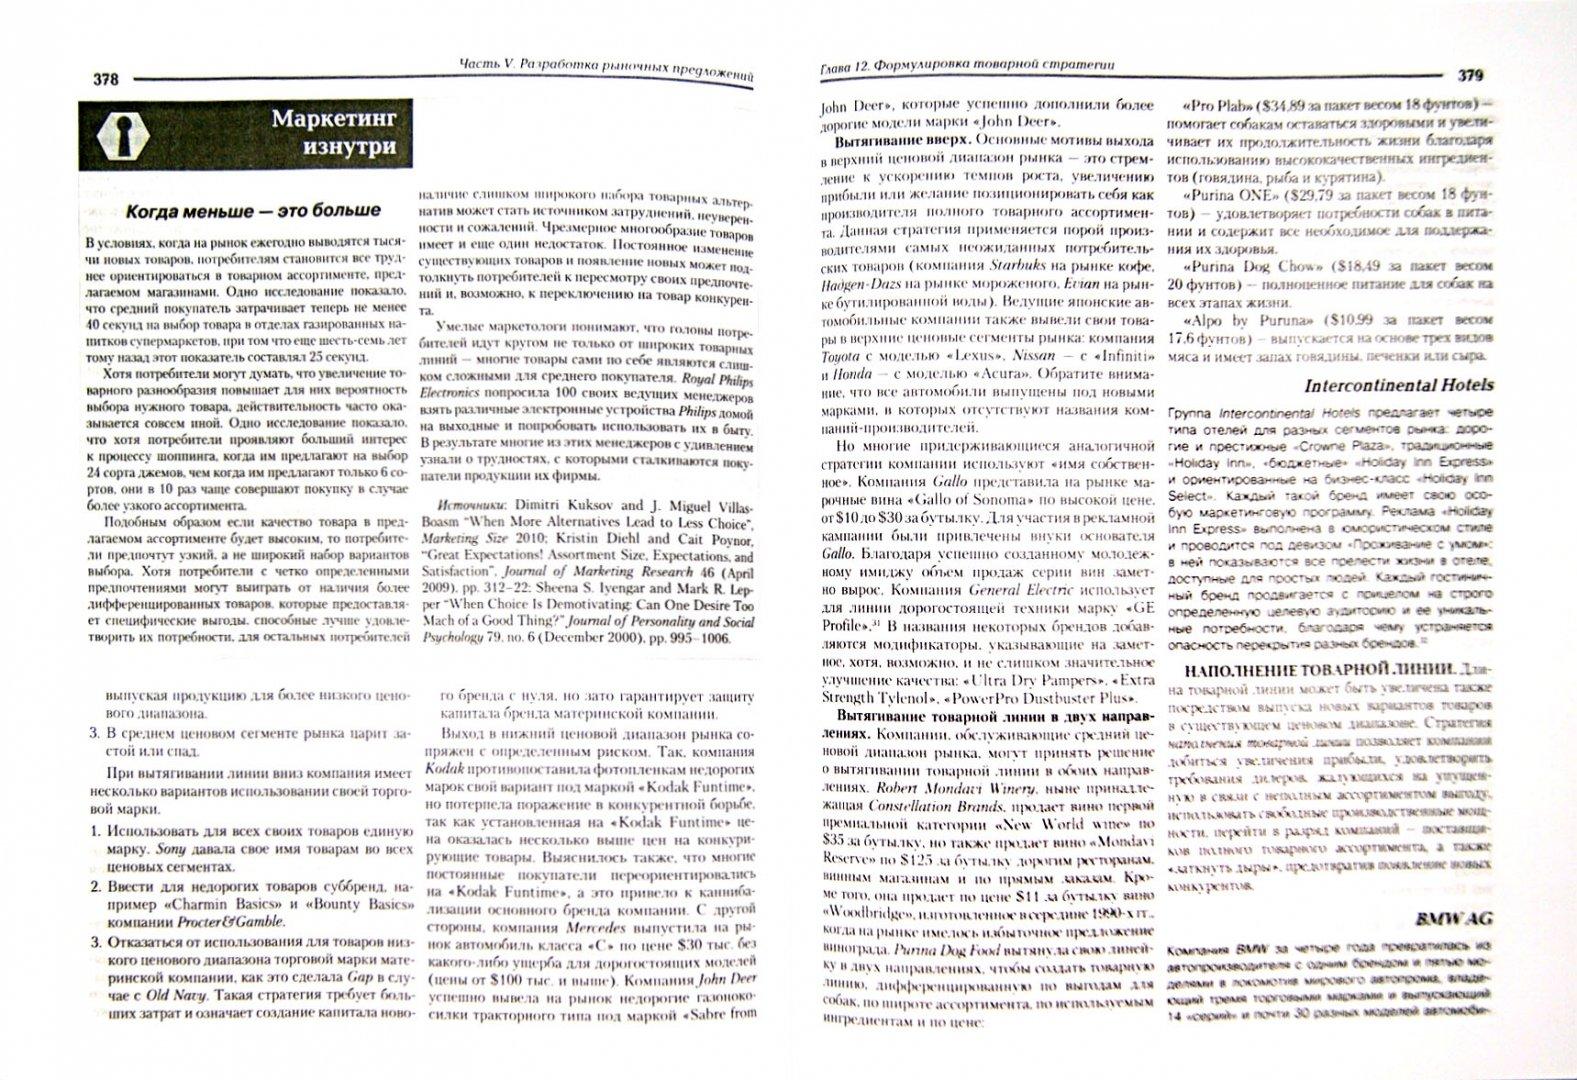 Иллюстрация 1 из 26 для Маркетинг менеджмент - Котлер, Келлер | Лабиринт - книги. Источник: Лабиринт